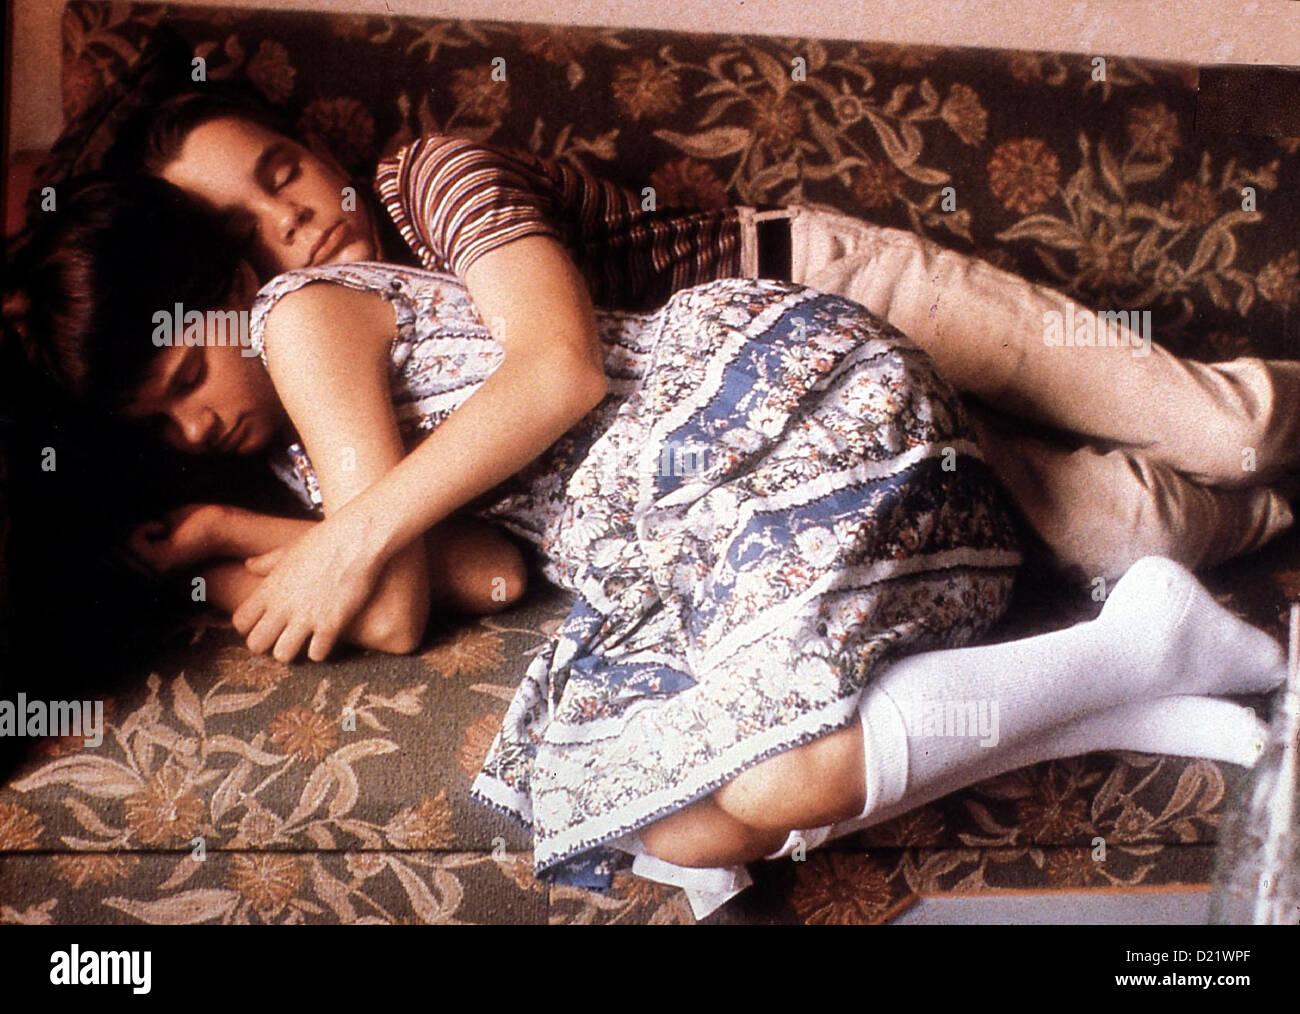 Gaia Germani Erotic tube Beverly Hope Atkinson,Thomas James Longley (born 1989)